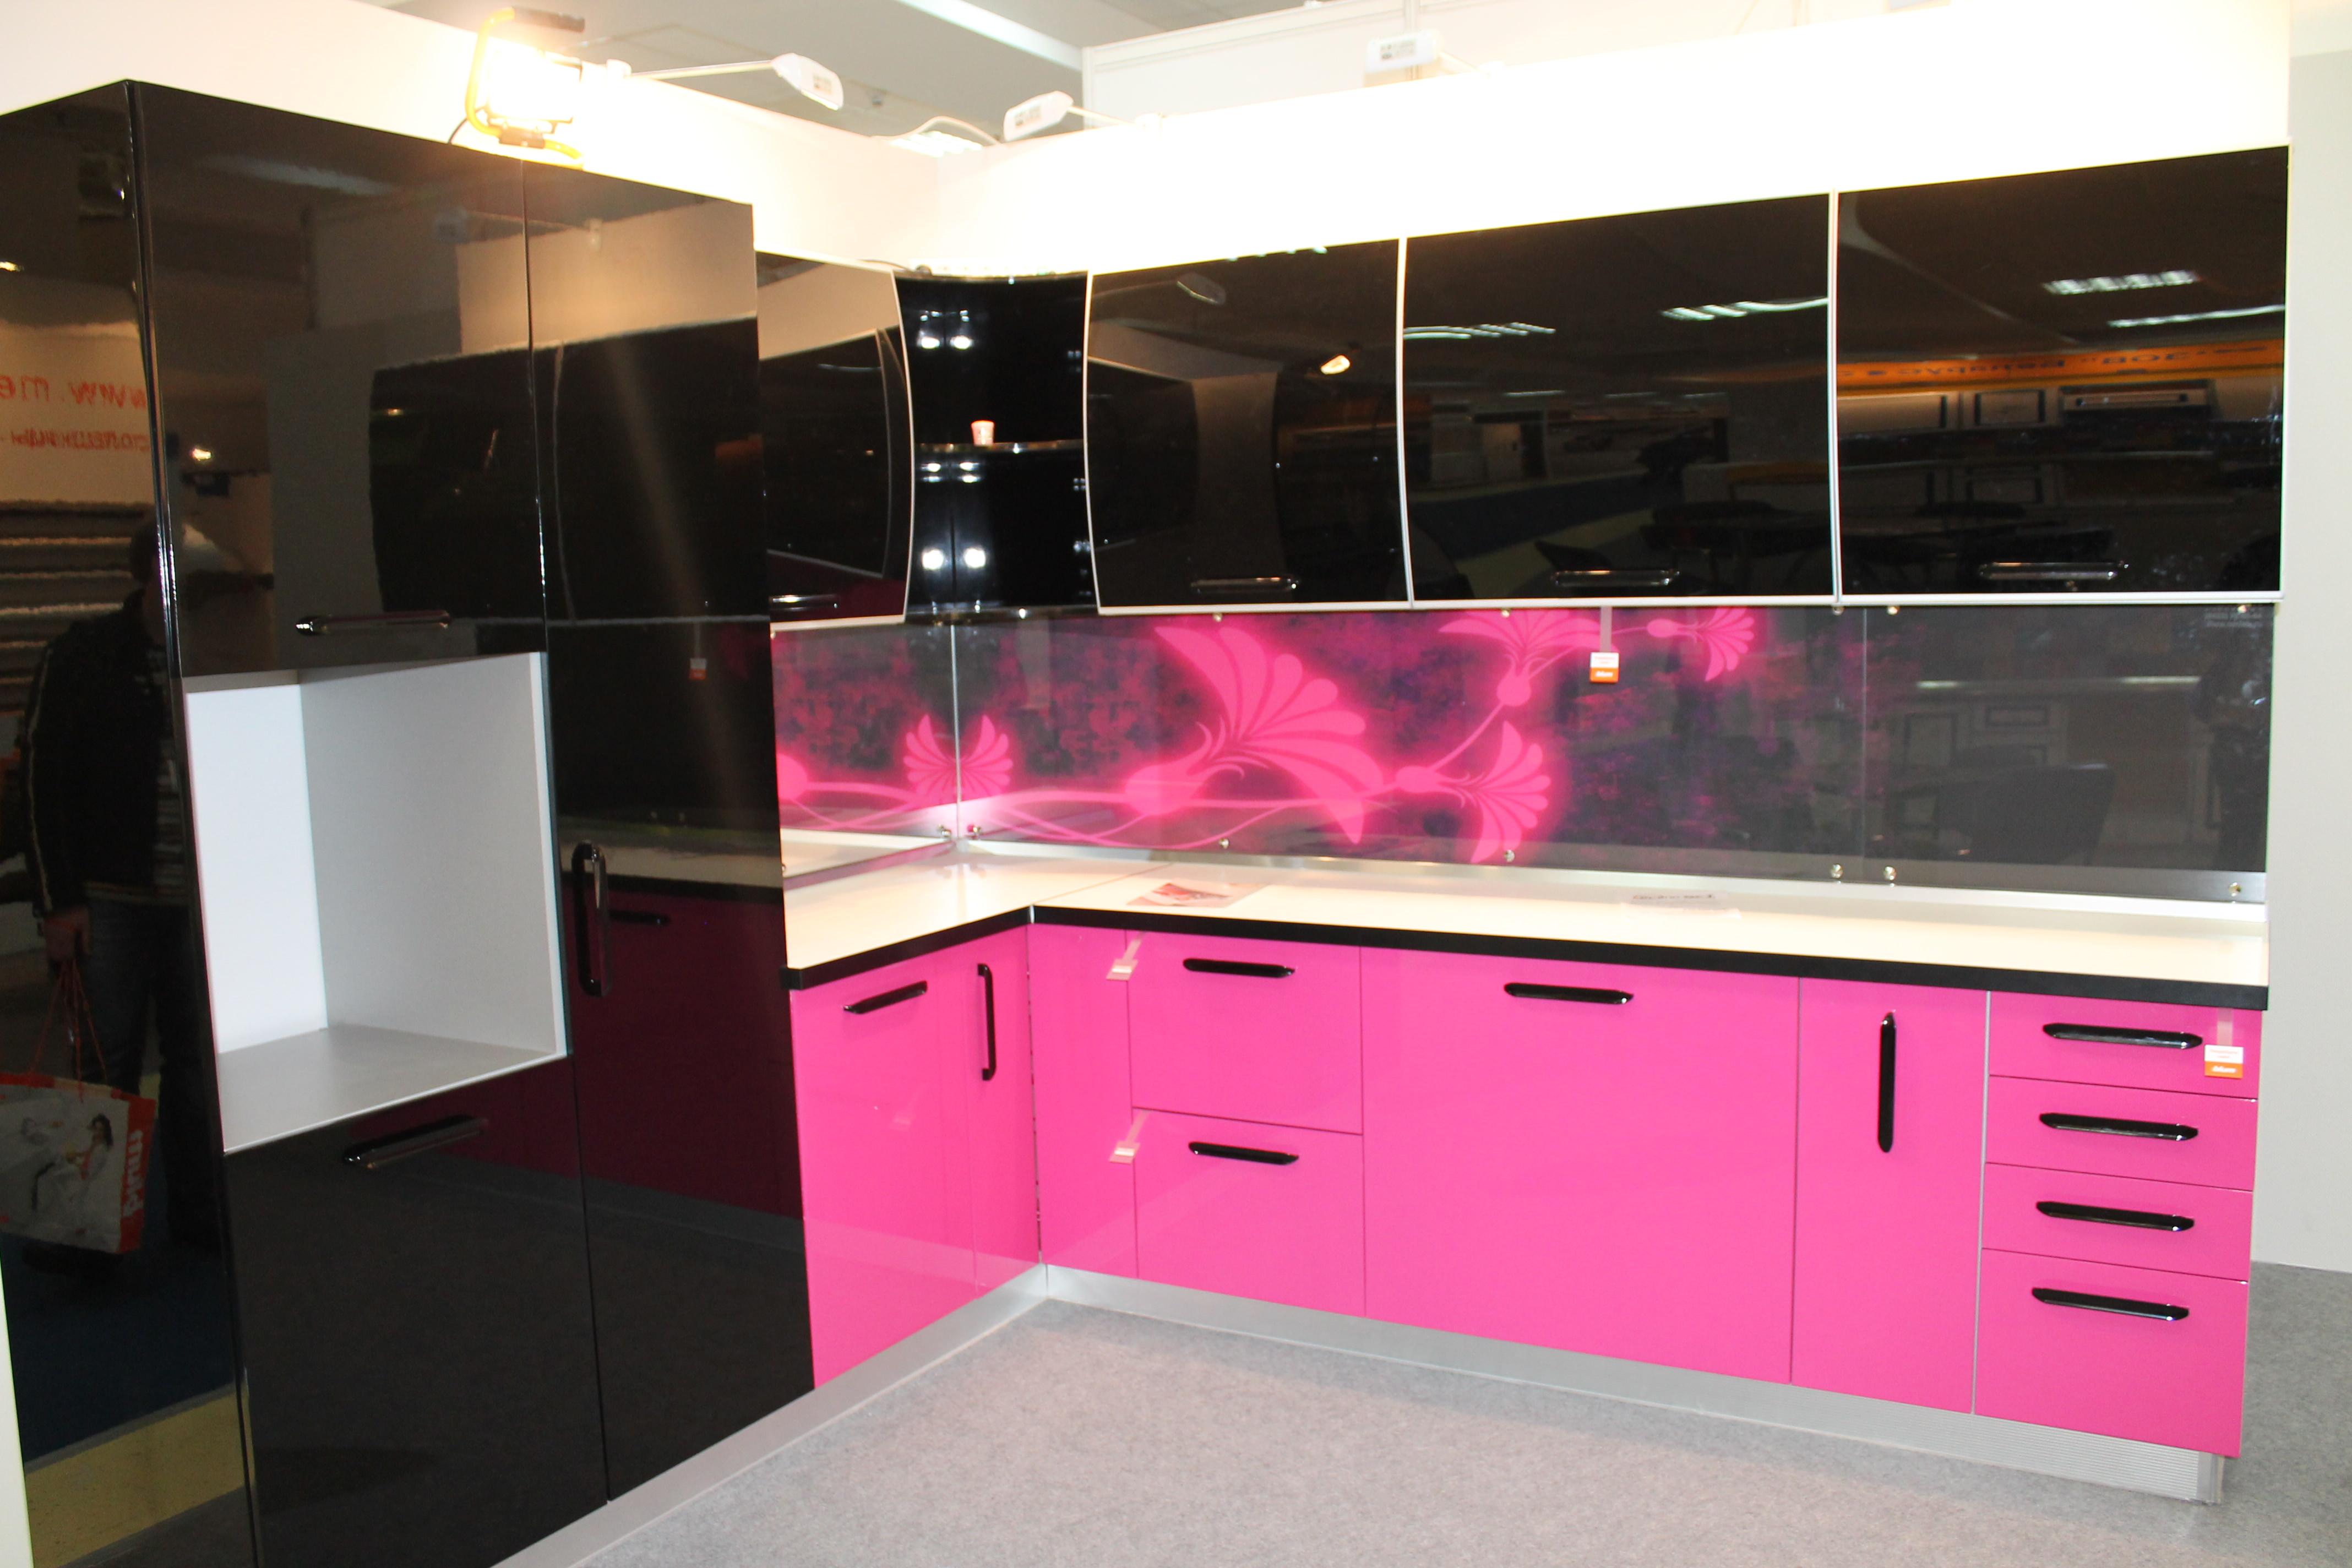 «Камилла» (5) модерн, угловая, розовый и черный